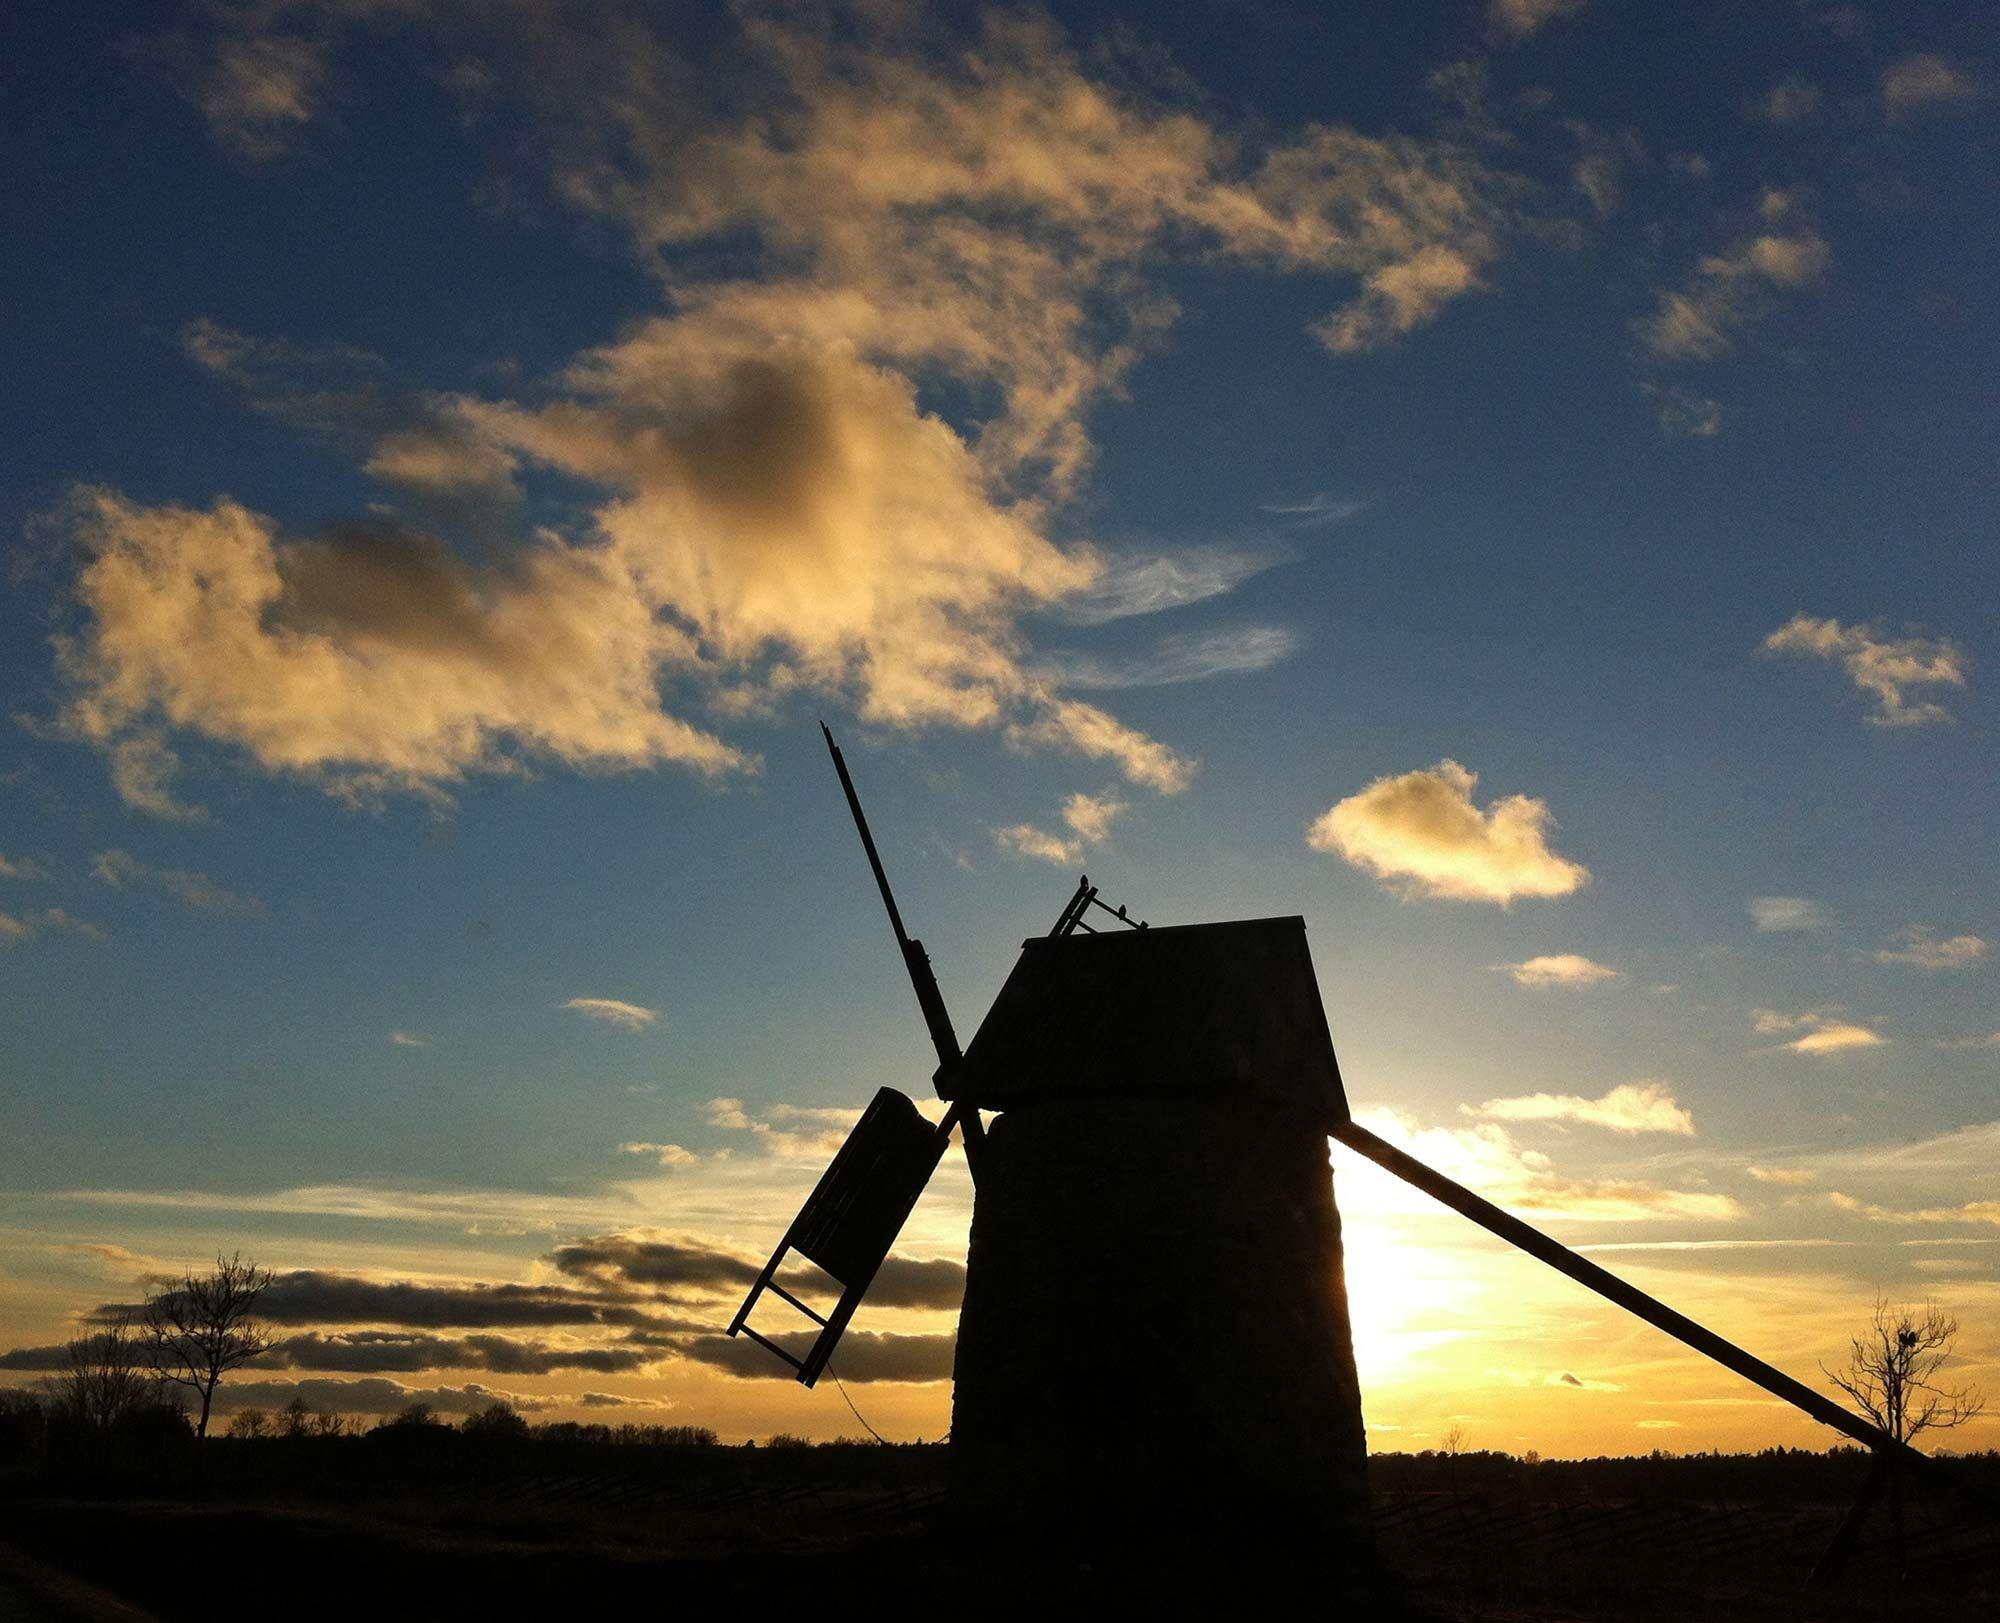 Nattsafari - upplev magin i den gotländska sommarnatten